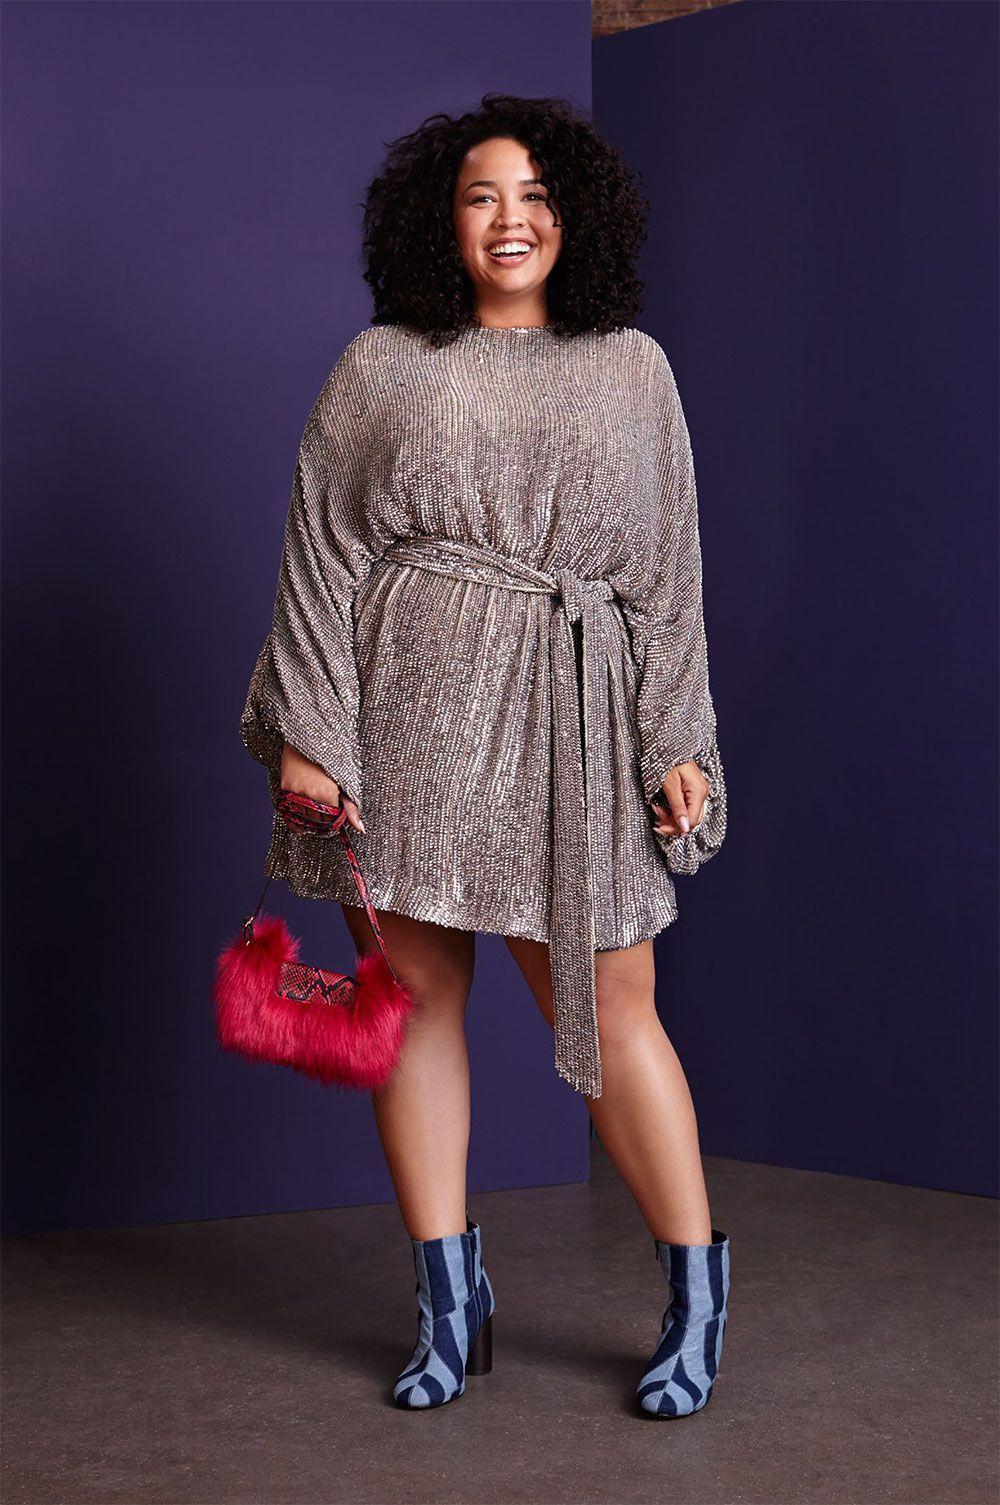 """Foto: Reprodução / <a href=""""http://juromano.com/moda/roupas-plus-size-fashion-gabi-gregg-posa-para-nova-linha-bafo-da-asos-curve"""" target=""""_blank"""">Ju Romano</a>"""